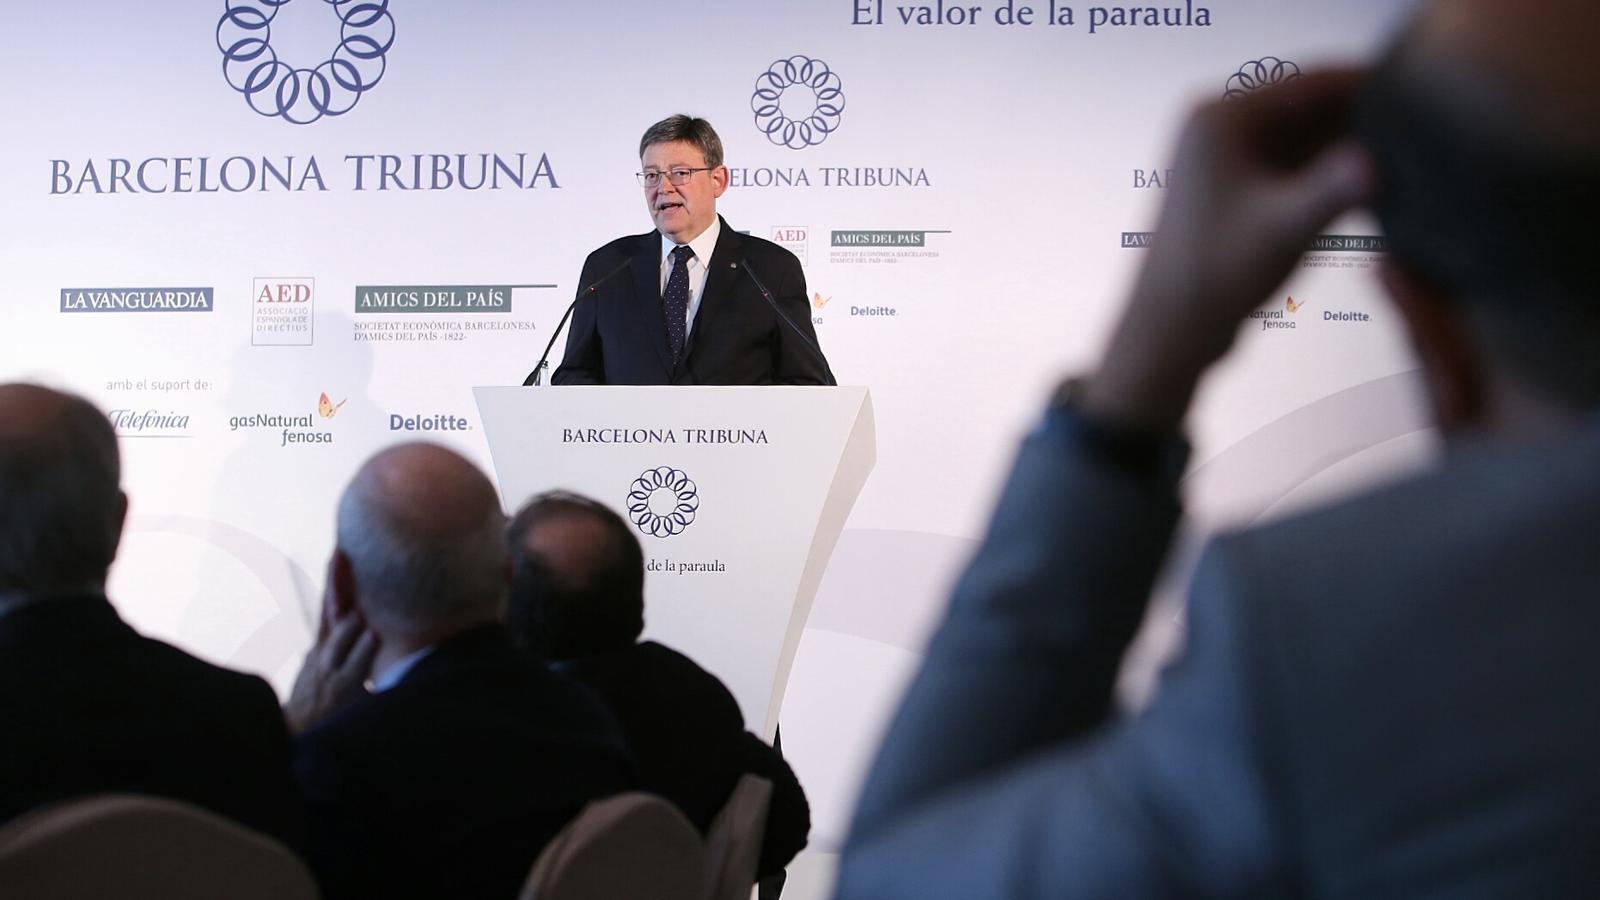 El president valencià Ximo Puig ha participat aquest dimecres en el fòrum 'Barcelona Tribuna'.